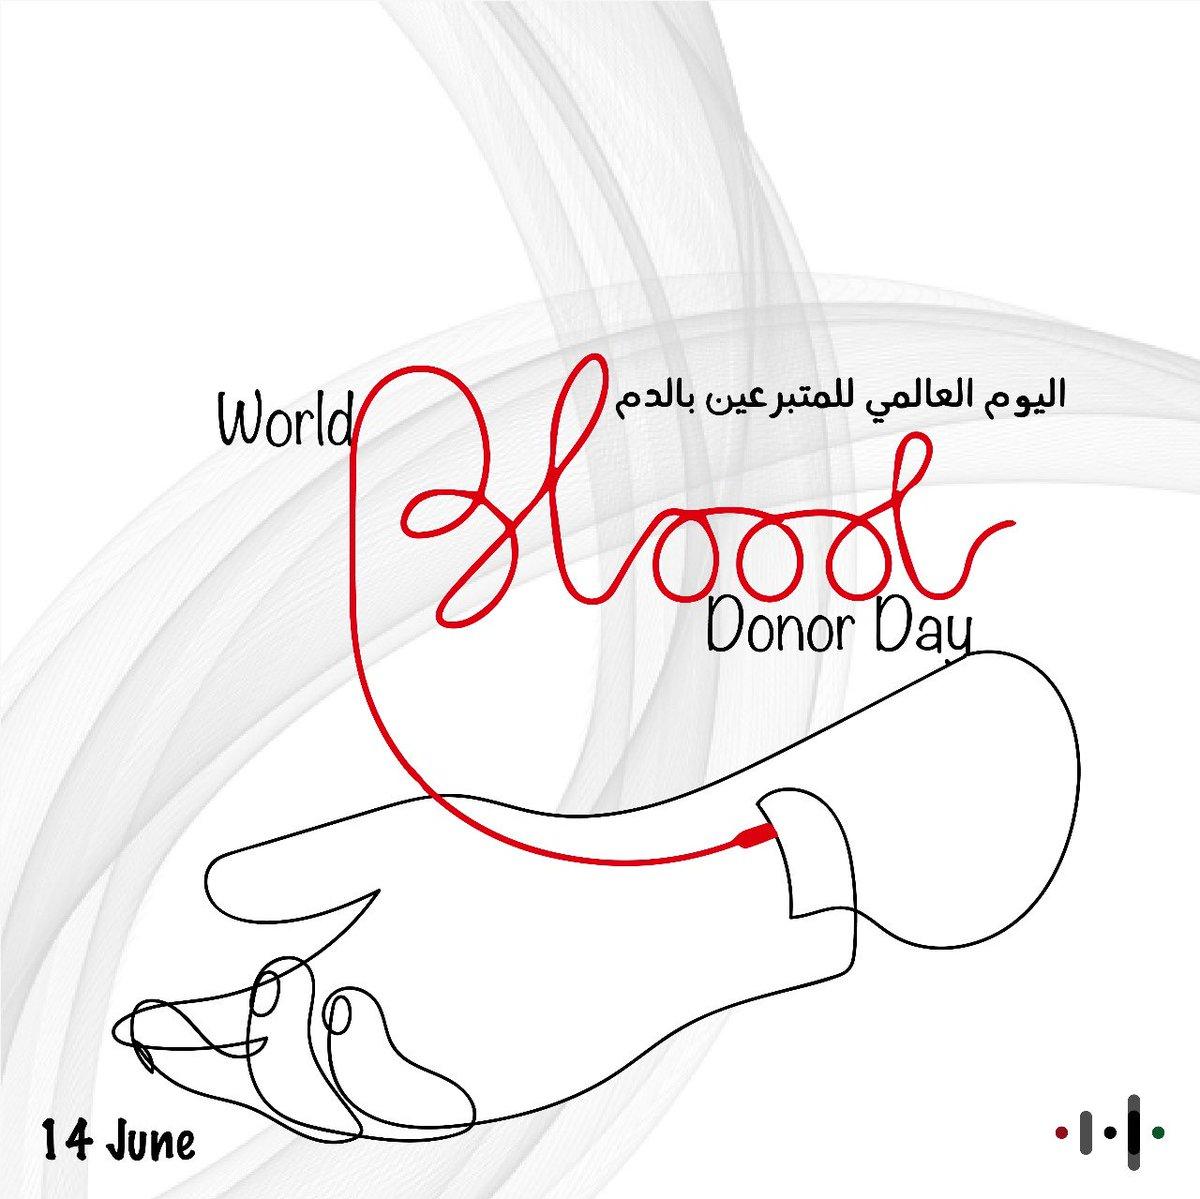 """يحتفل العالم في 14 يونيو """"باليوم العالمي للمتبرعين بالدم"""" لرفع مستوى الوعي على نطاق واسع بشأن الحاجة إلى حملات التبرع بالدم المأمون لتعزيز نظام الرعاية الصحية وتلبية احتياجات جميع المرضى والمساهمة في انقاذ الأرواح، باعتباره يوم خاص للاحتفاء بالأفراد الذين يتبرعون بالدم وشكرهم. https://t.co/F5FWDaXhas"""